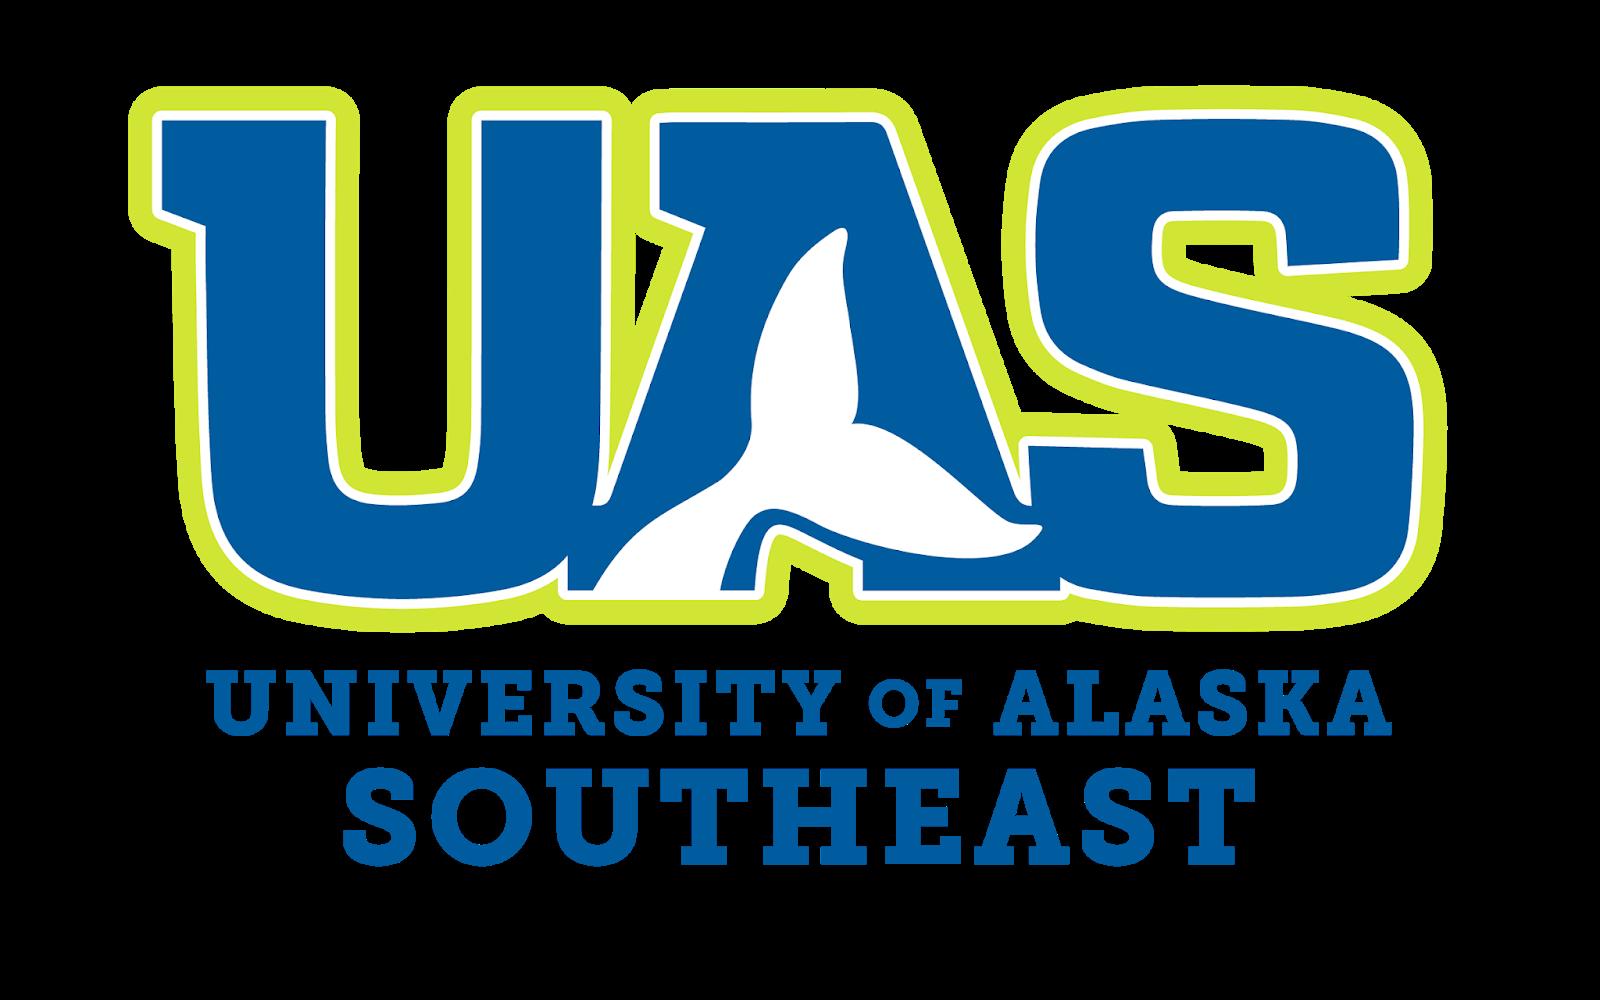 University of Alaska Southeast